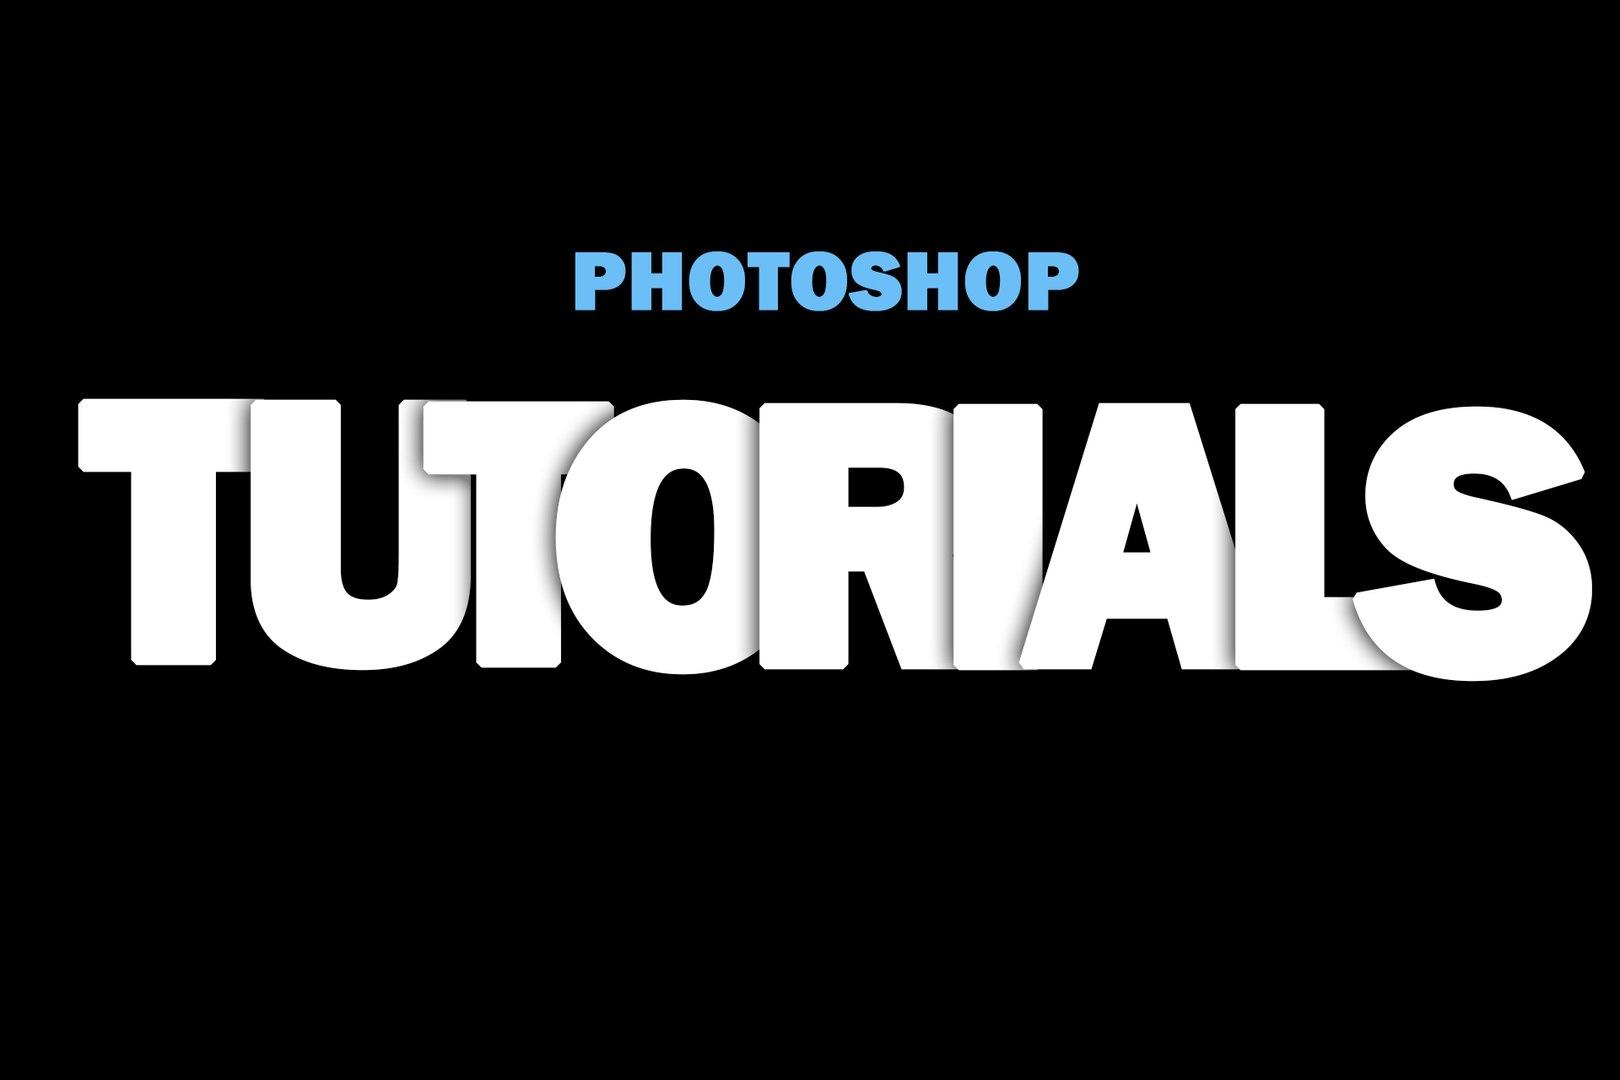 Photoshop tutorials   Text design